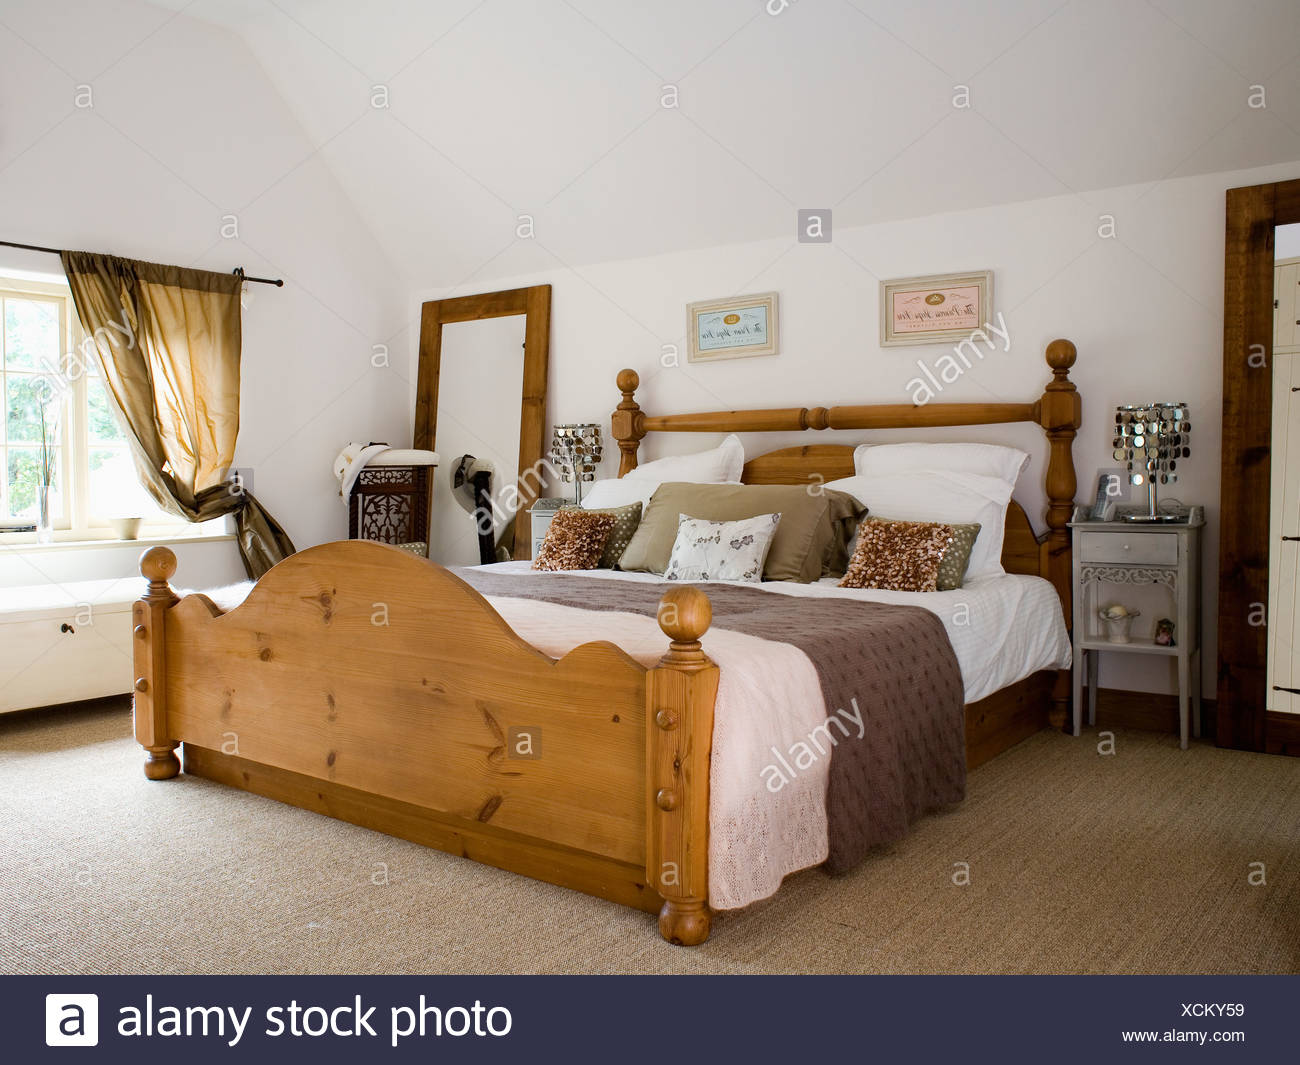 Große Kiefer Bett mit weißer Bettwäsche und braune werfen im Land ...